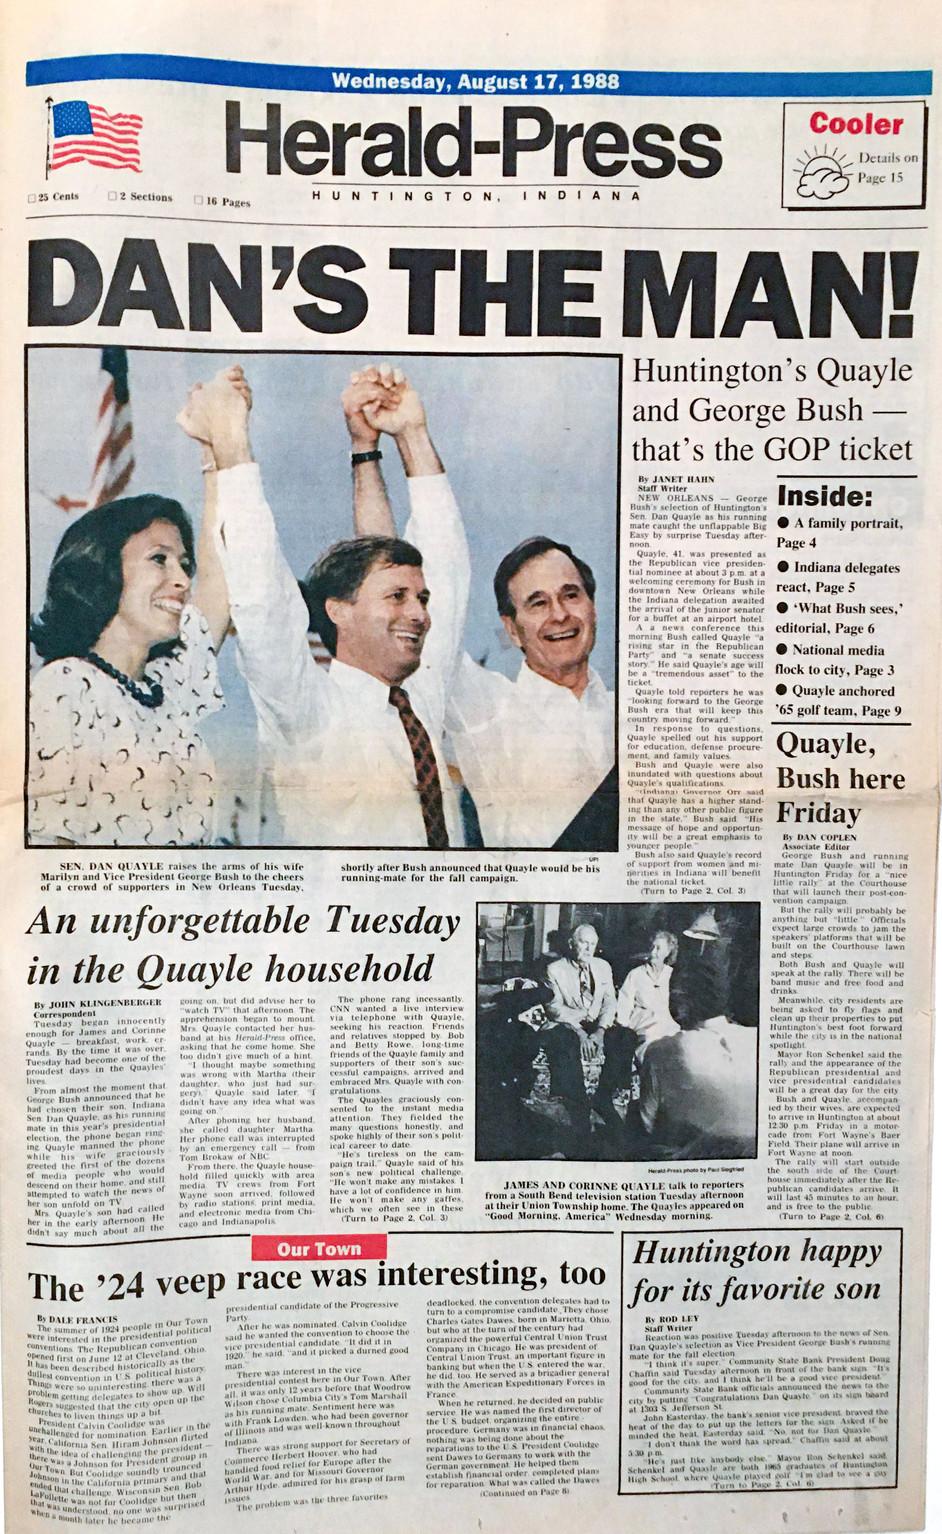 Dan's the Man